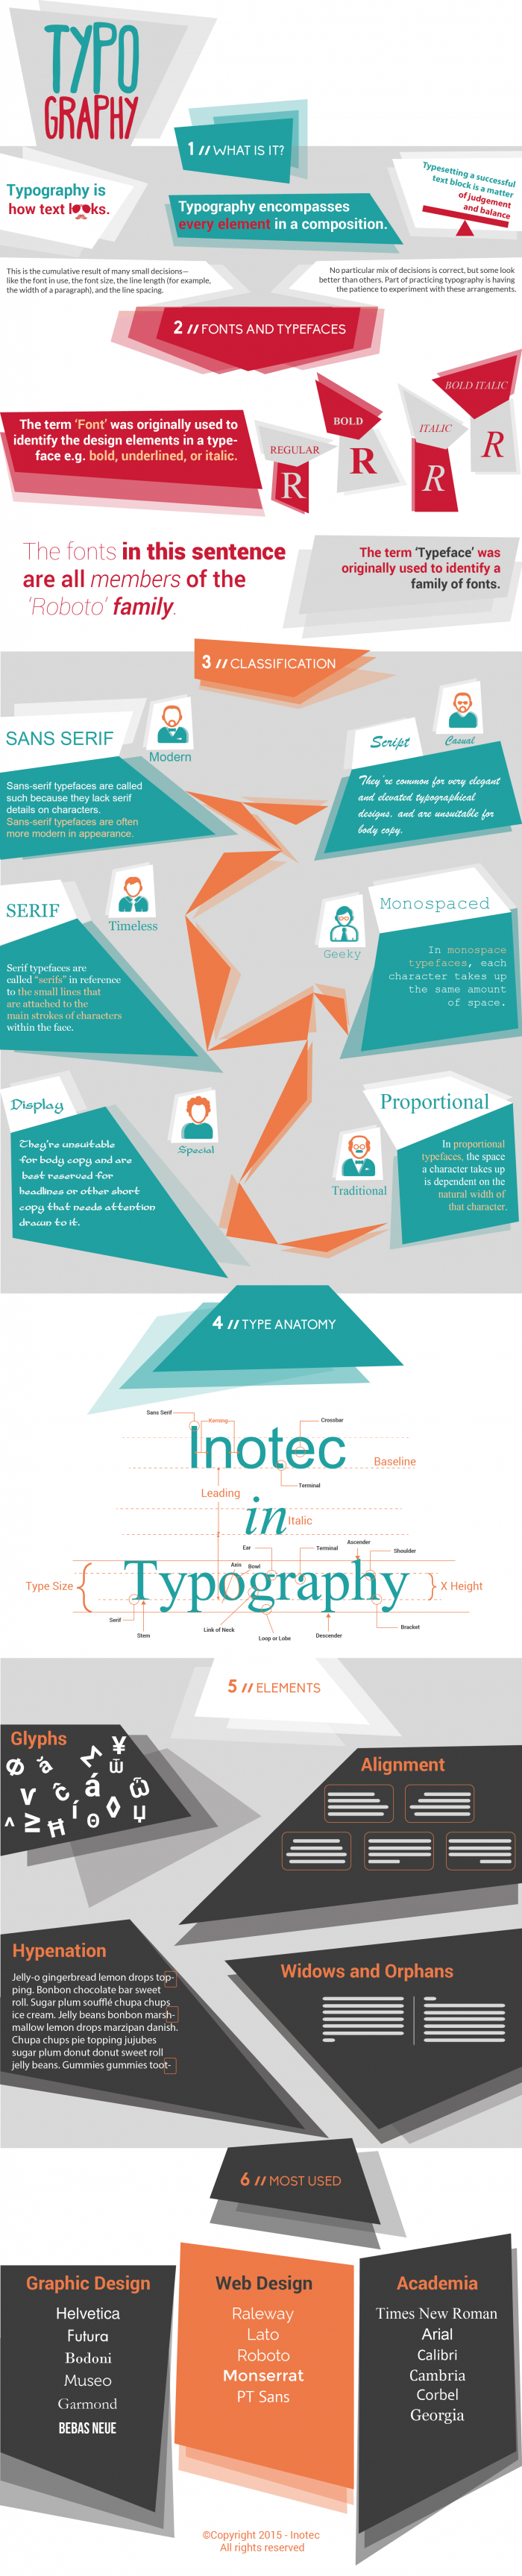 Infographic Typography Inotec